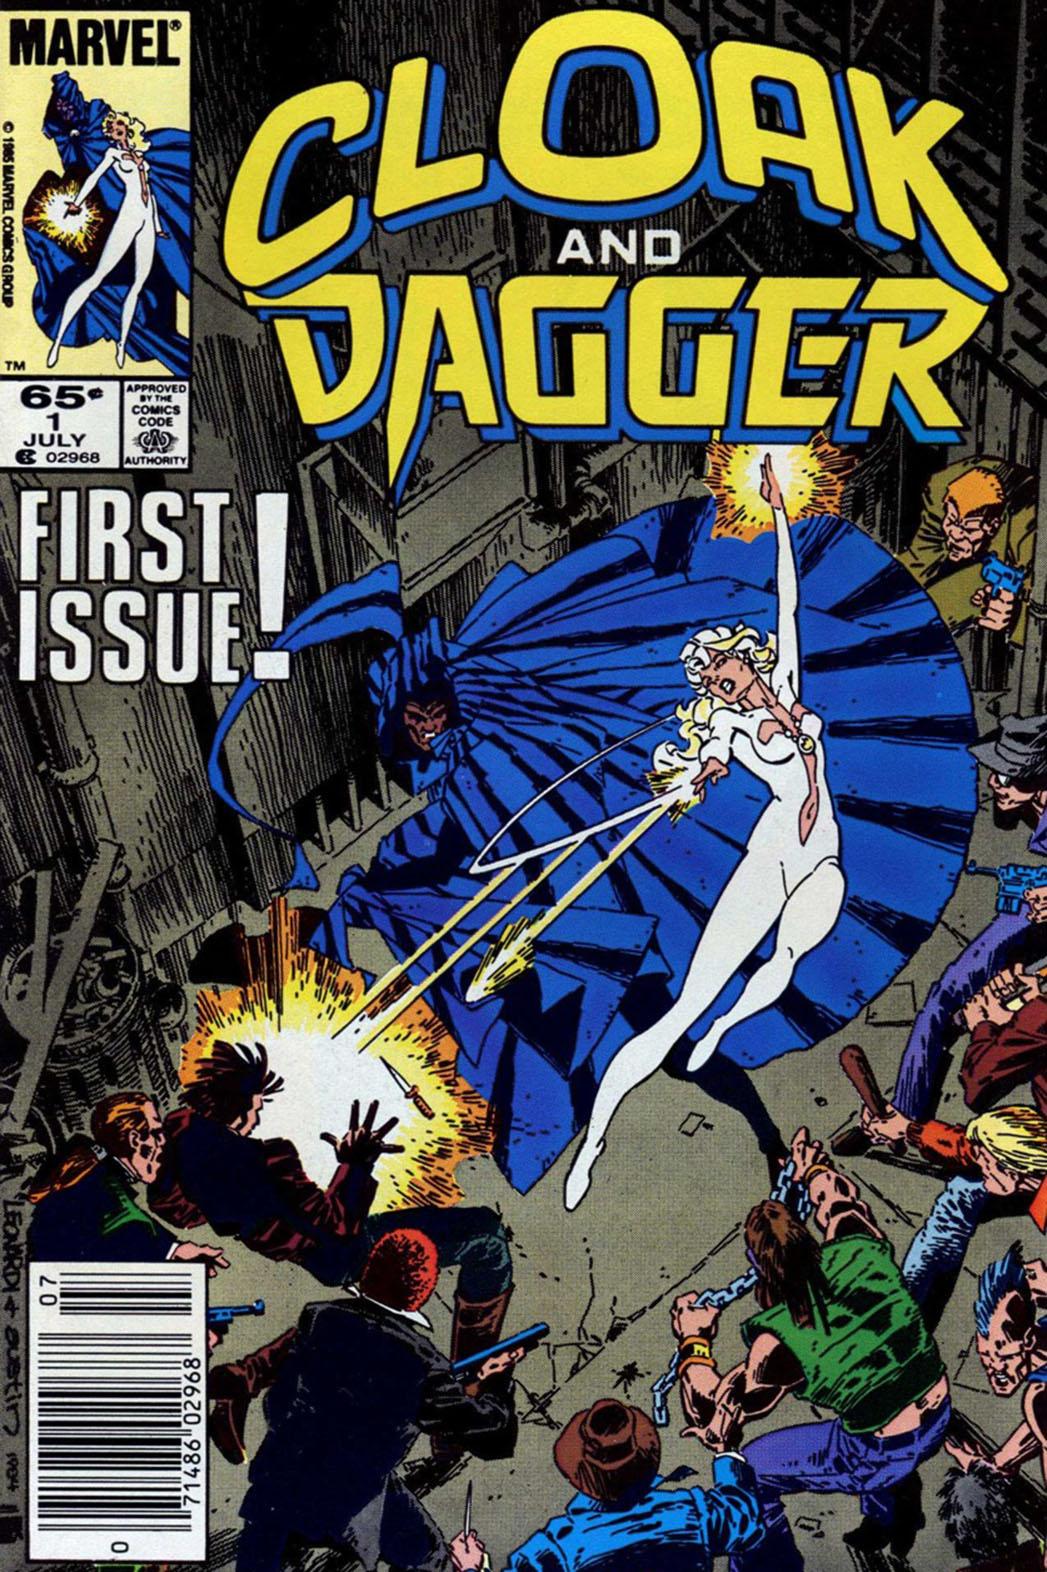 Cloak & Dagger comic book cover - P 2016